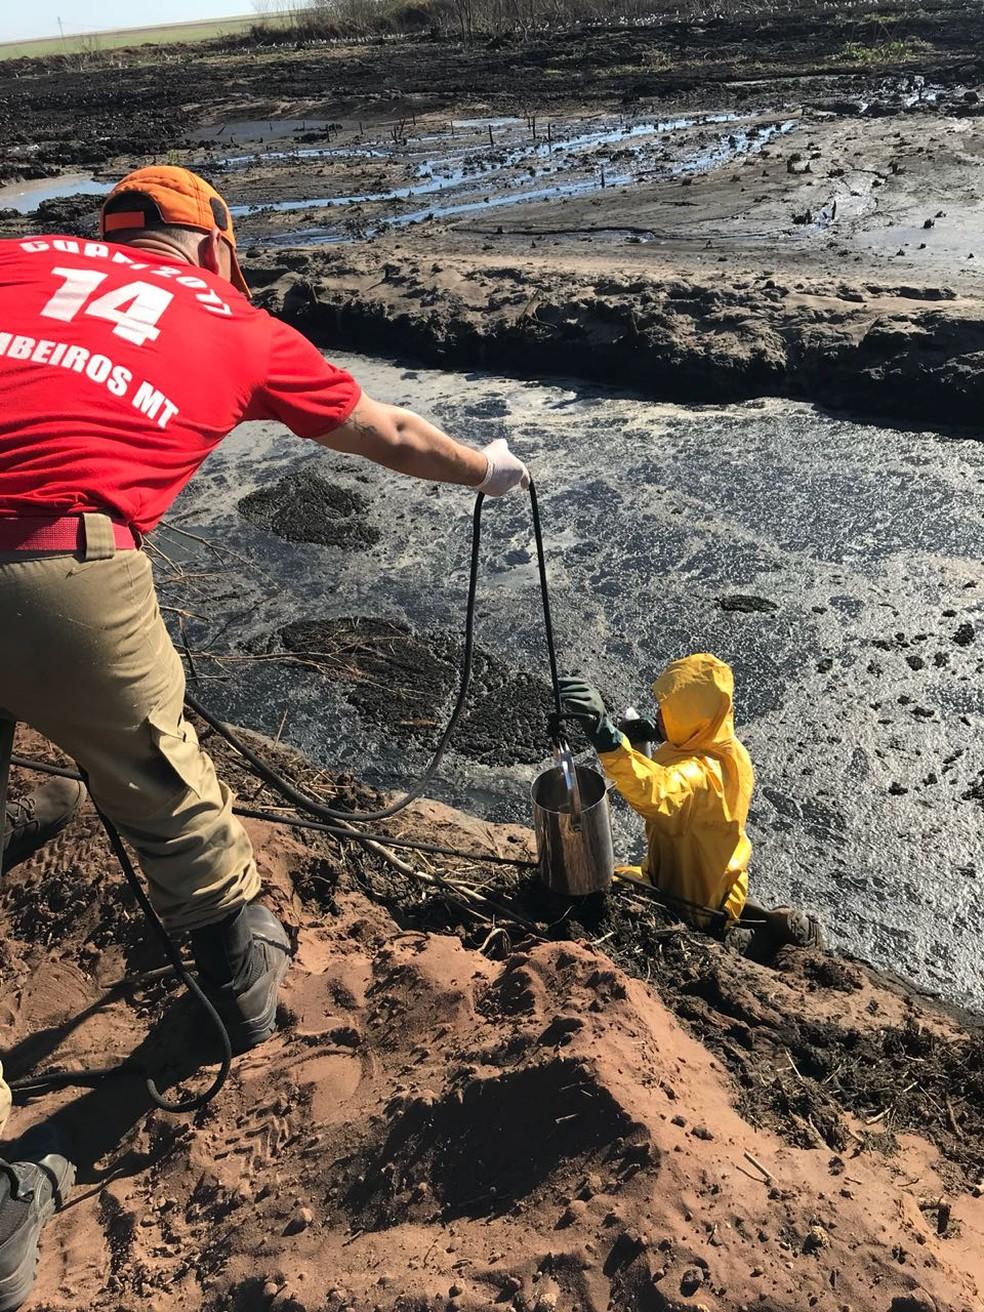 Usina foi vistoriada, autuada e embargada após acidente poluir rio e matar peixes em Jaciara (Foto: Sema-MT/Assessoria)